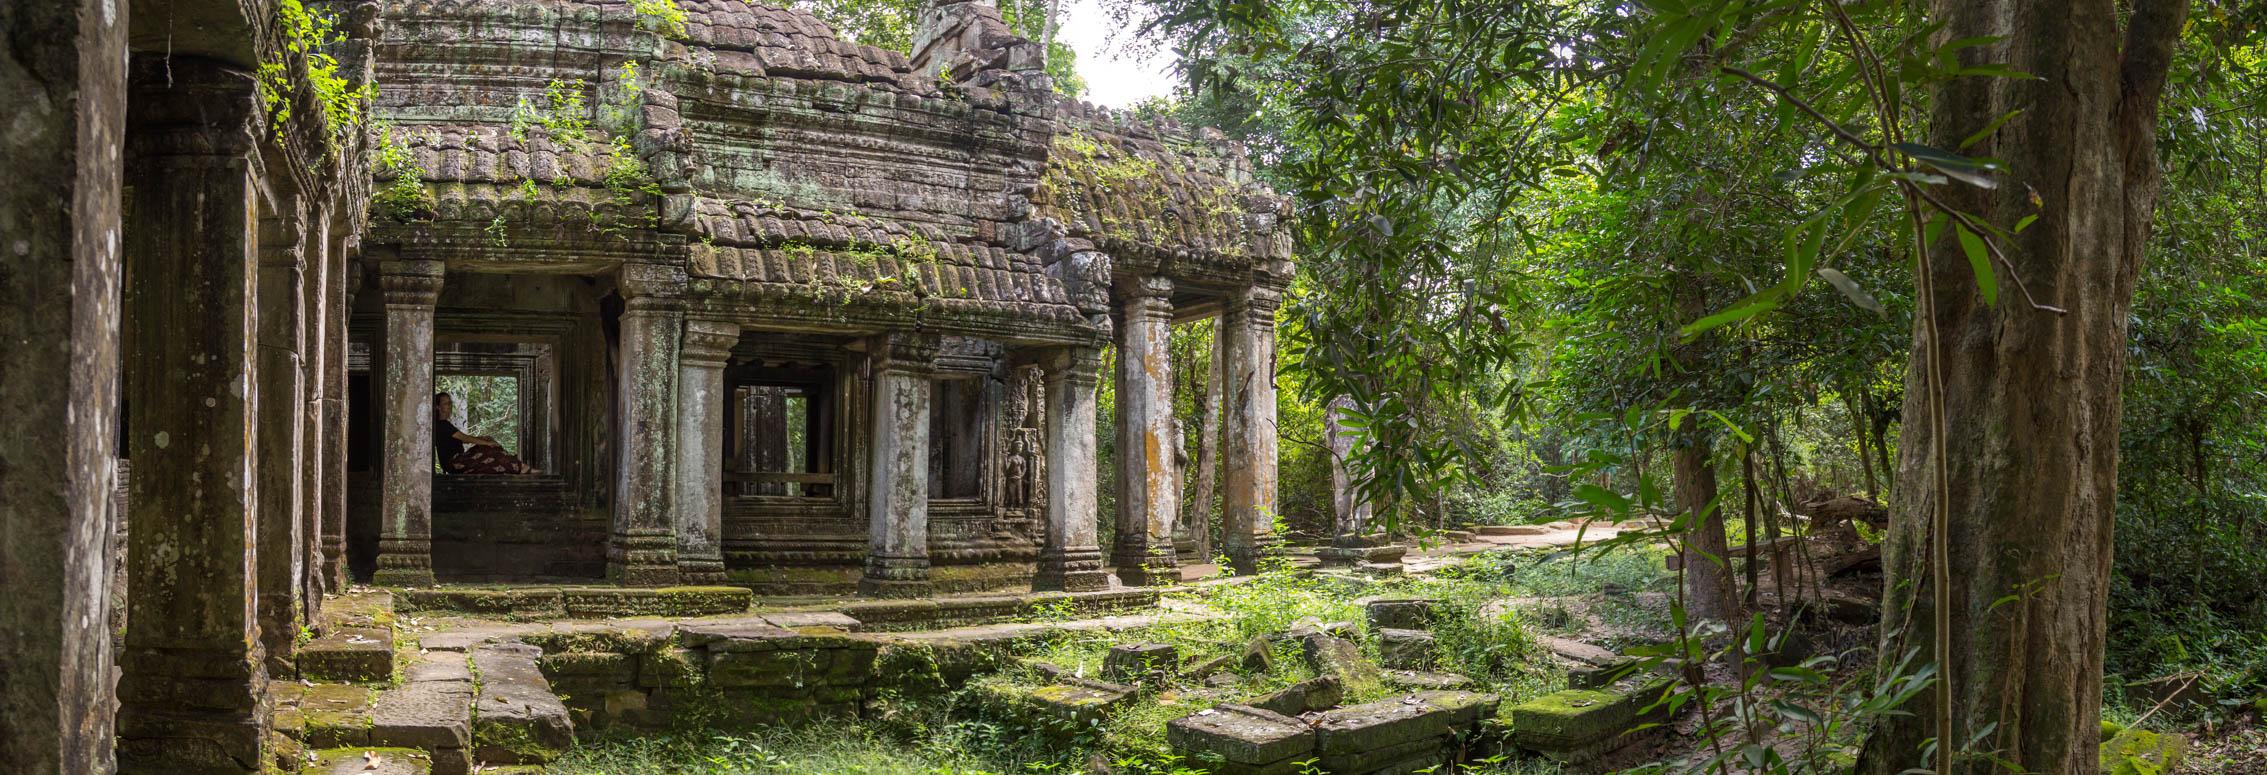 Der Ausblick aus dem Tempel